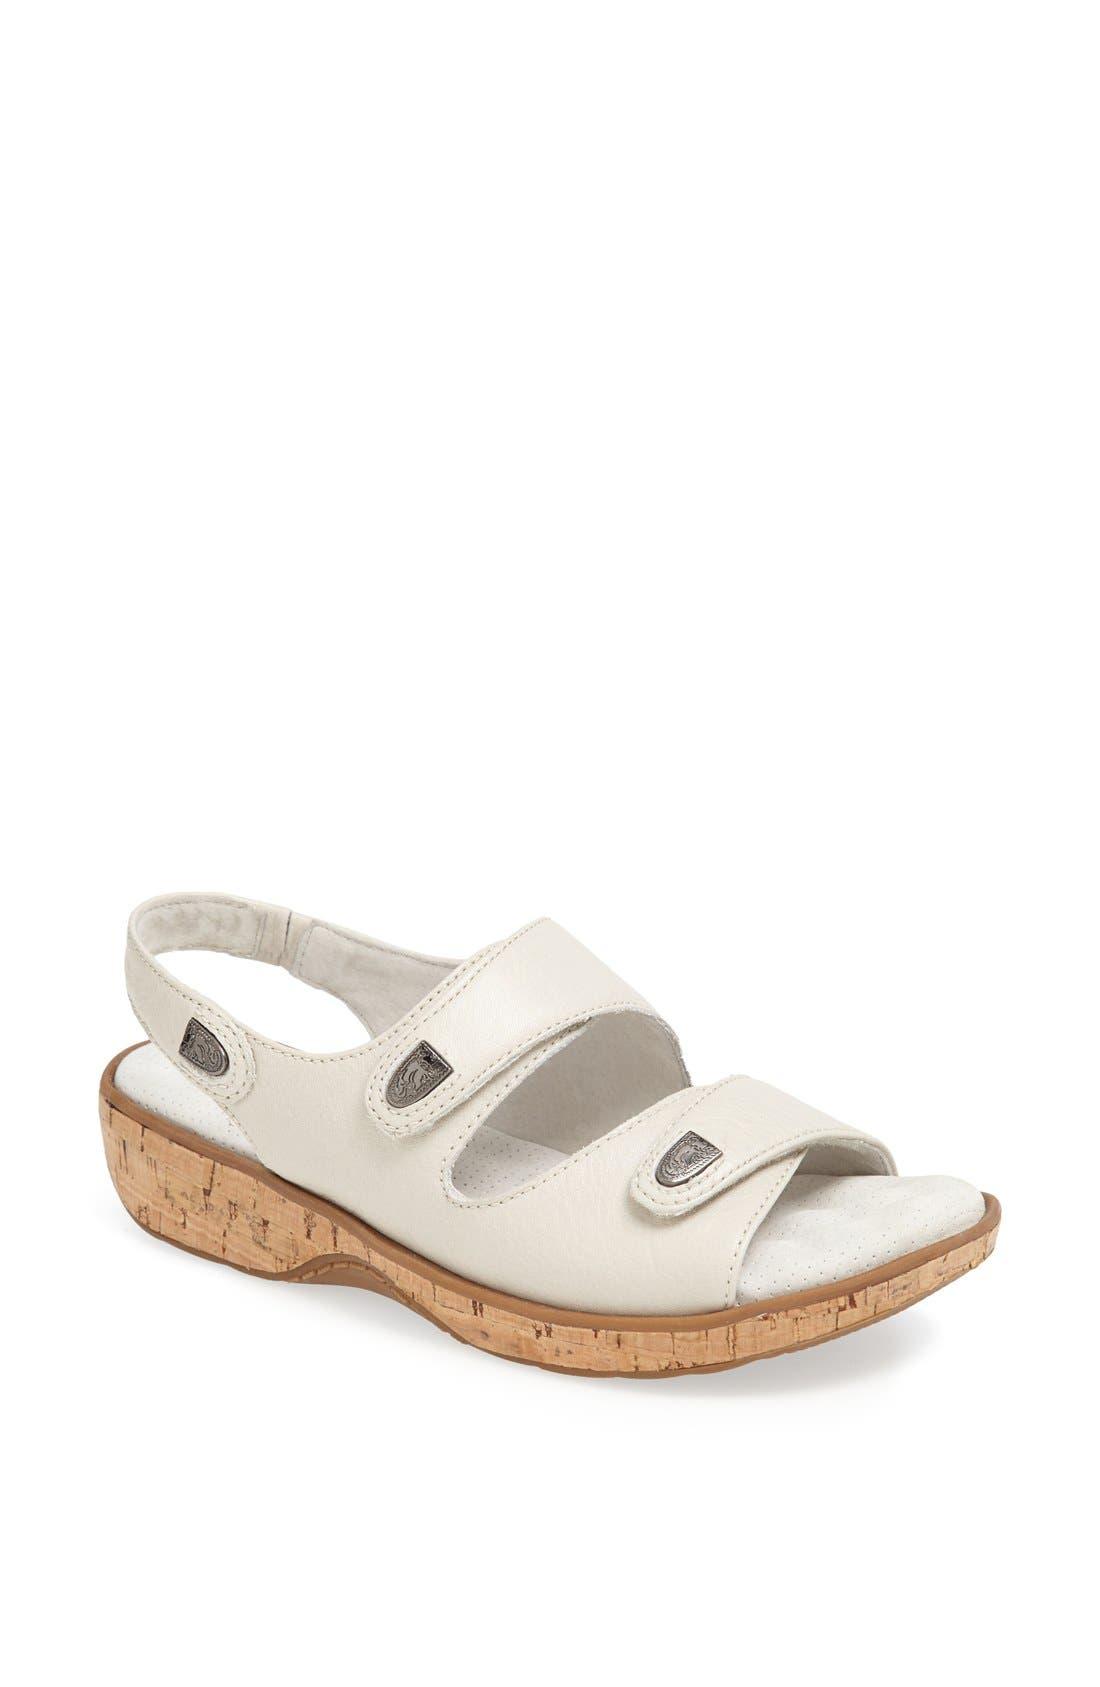 Alternate Image 1 Selected - SoftWalk® 'Bolivia' Sandal